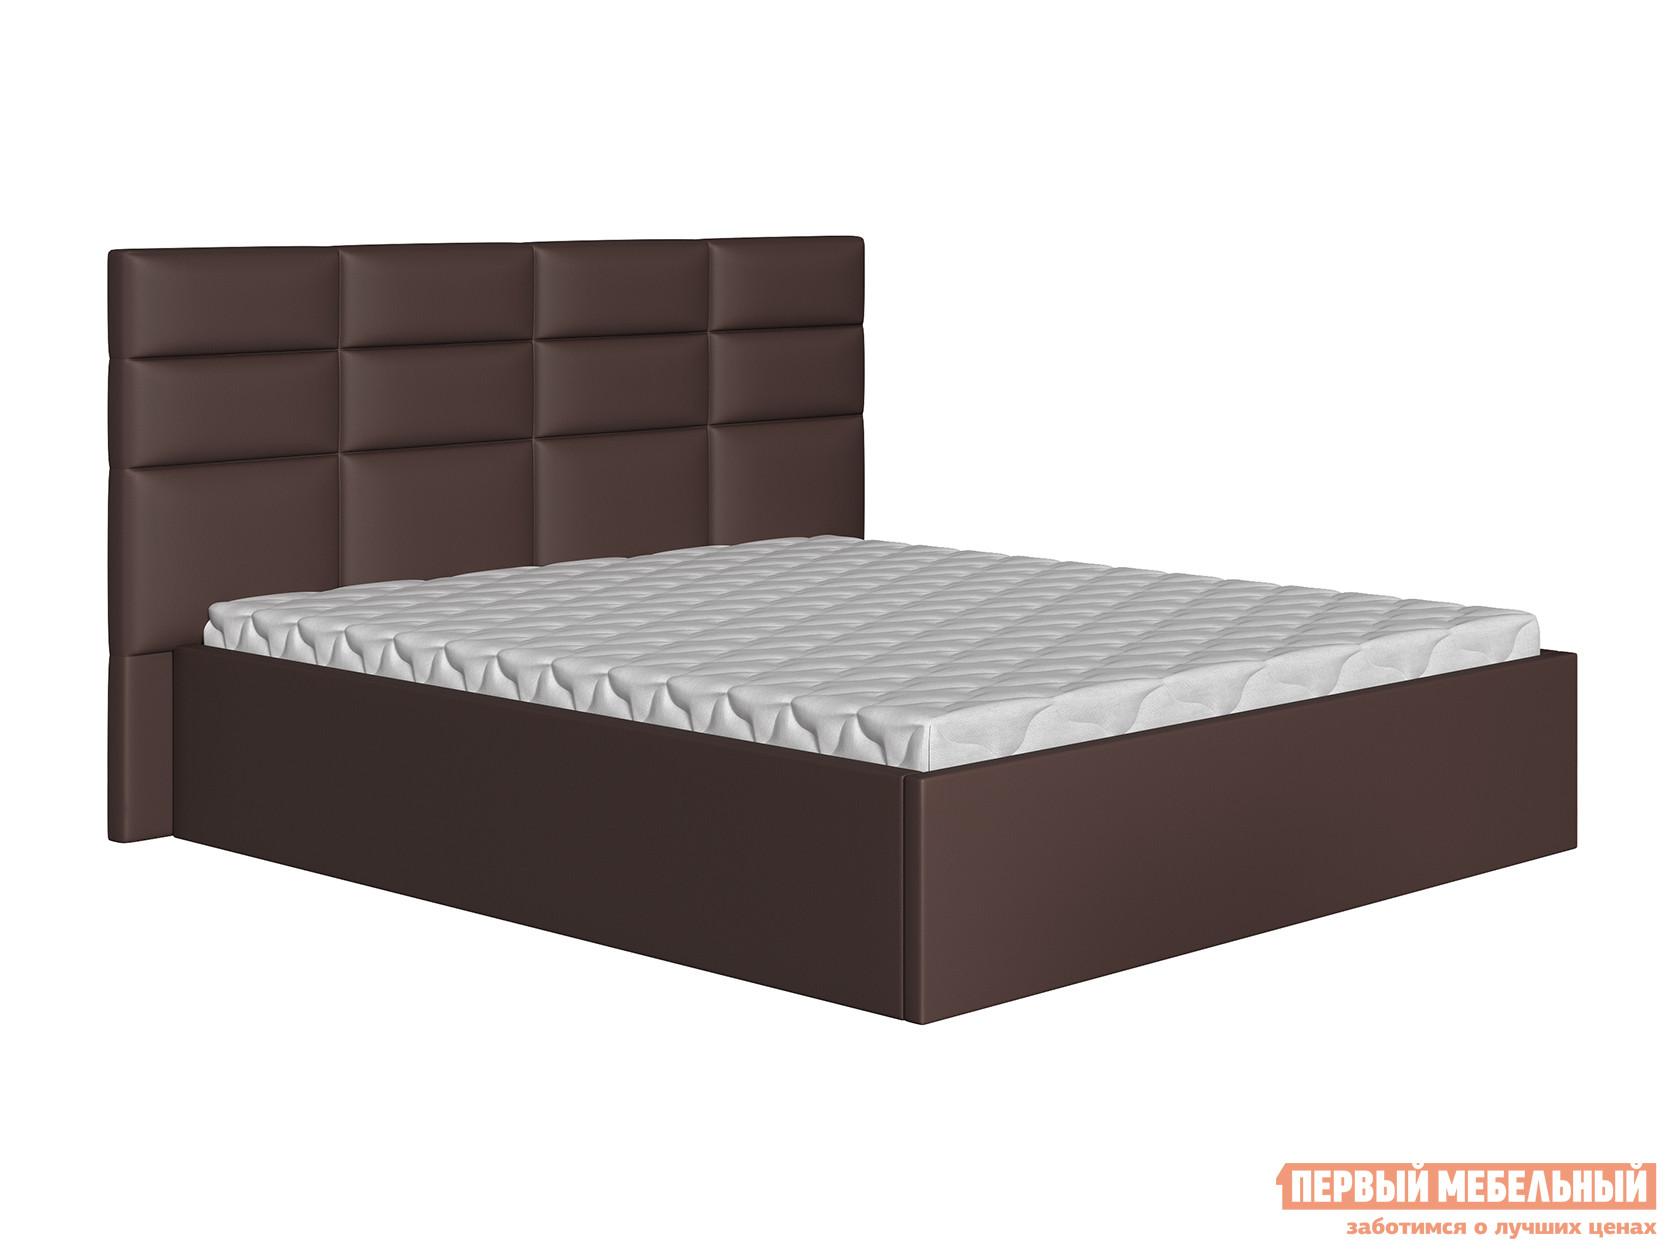 Двуспальная кровать  Кровать Коста Коричневый, экокожа, 160х200